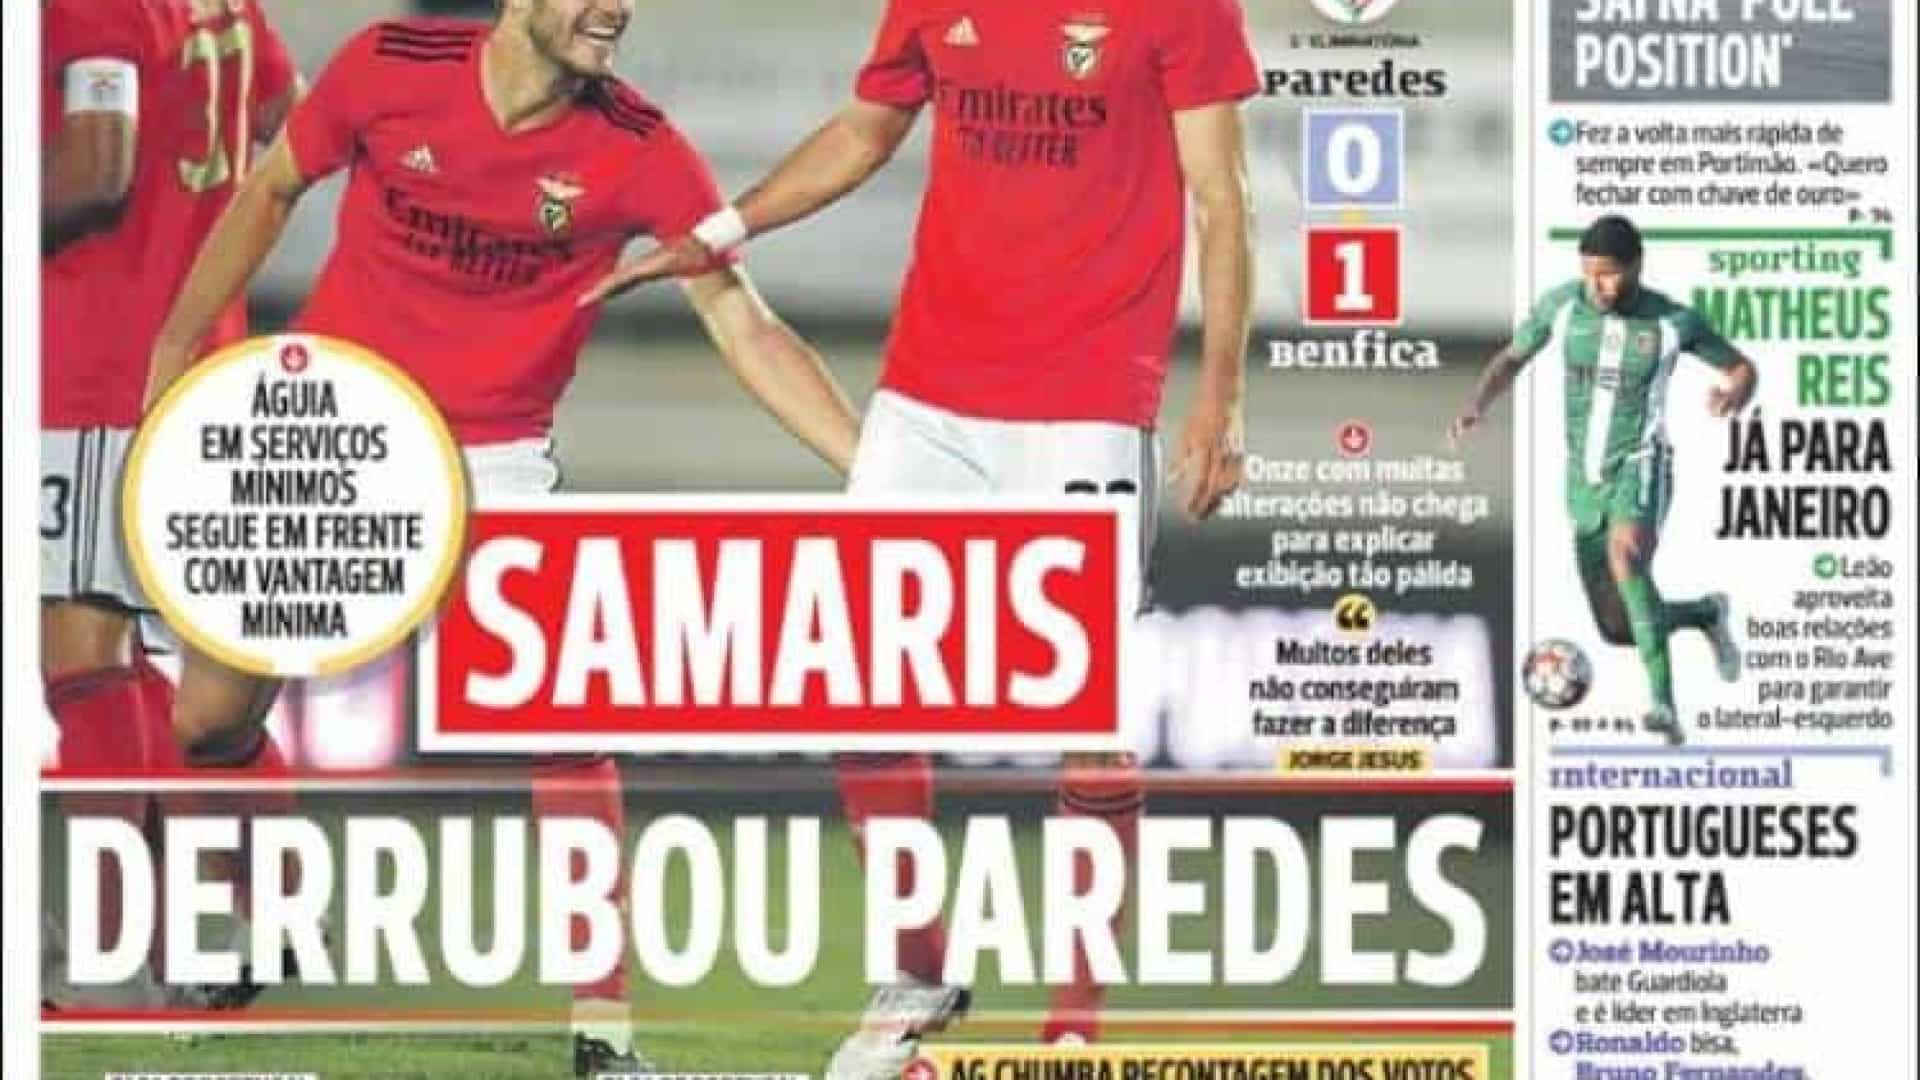 Por cá: Samaris derrubou Parredes e Miguel Oliveira dá show